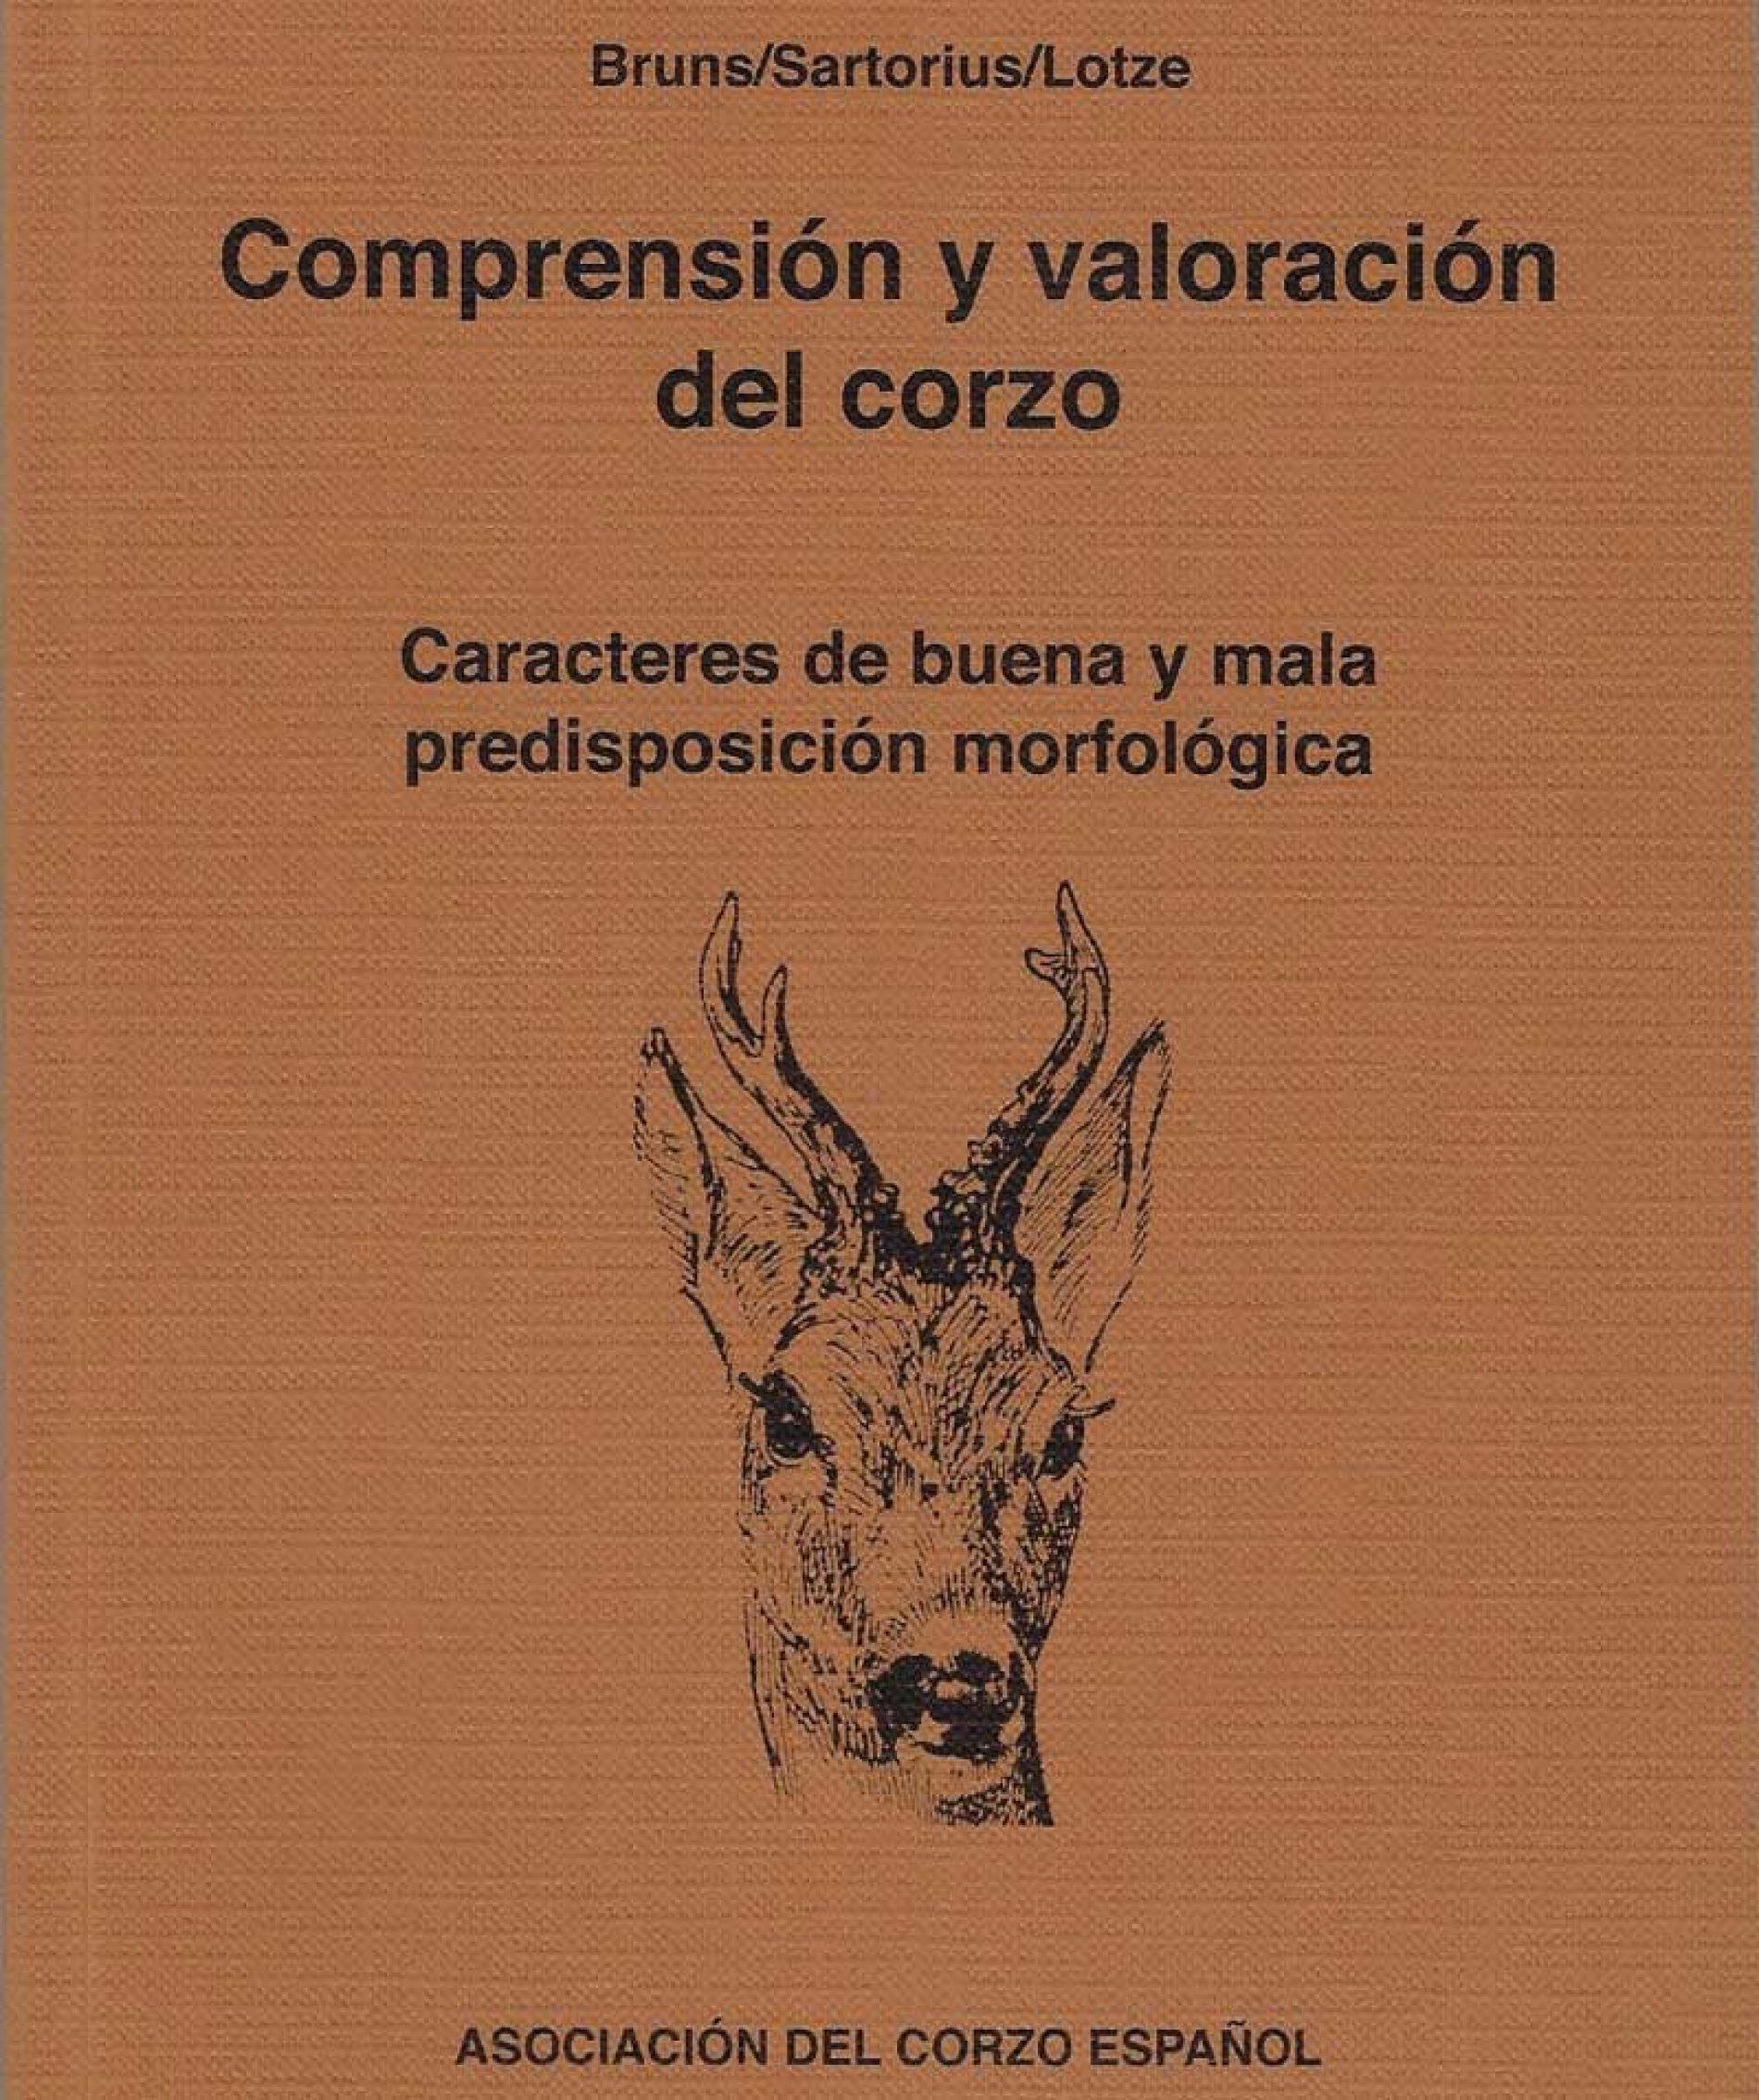 La Asociación del Corzo Español edita el libro, Comprensión y Valoración del Corzo